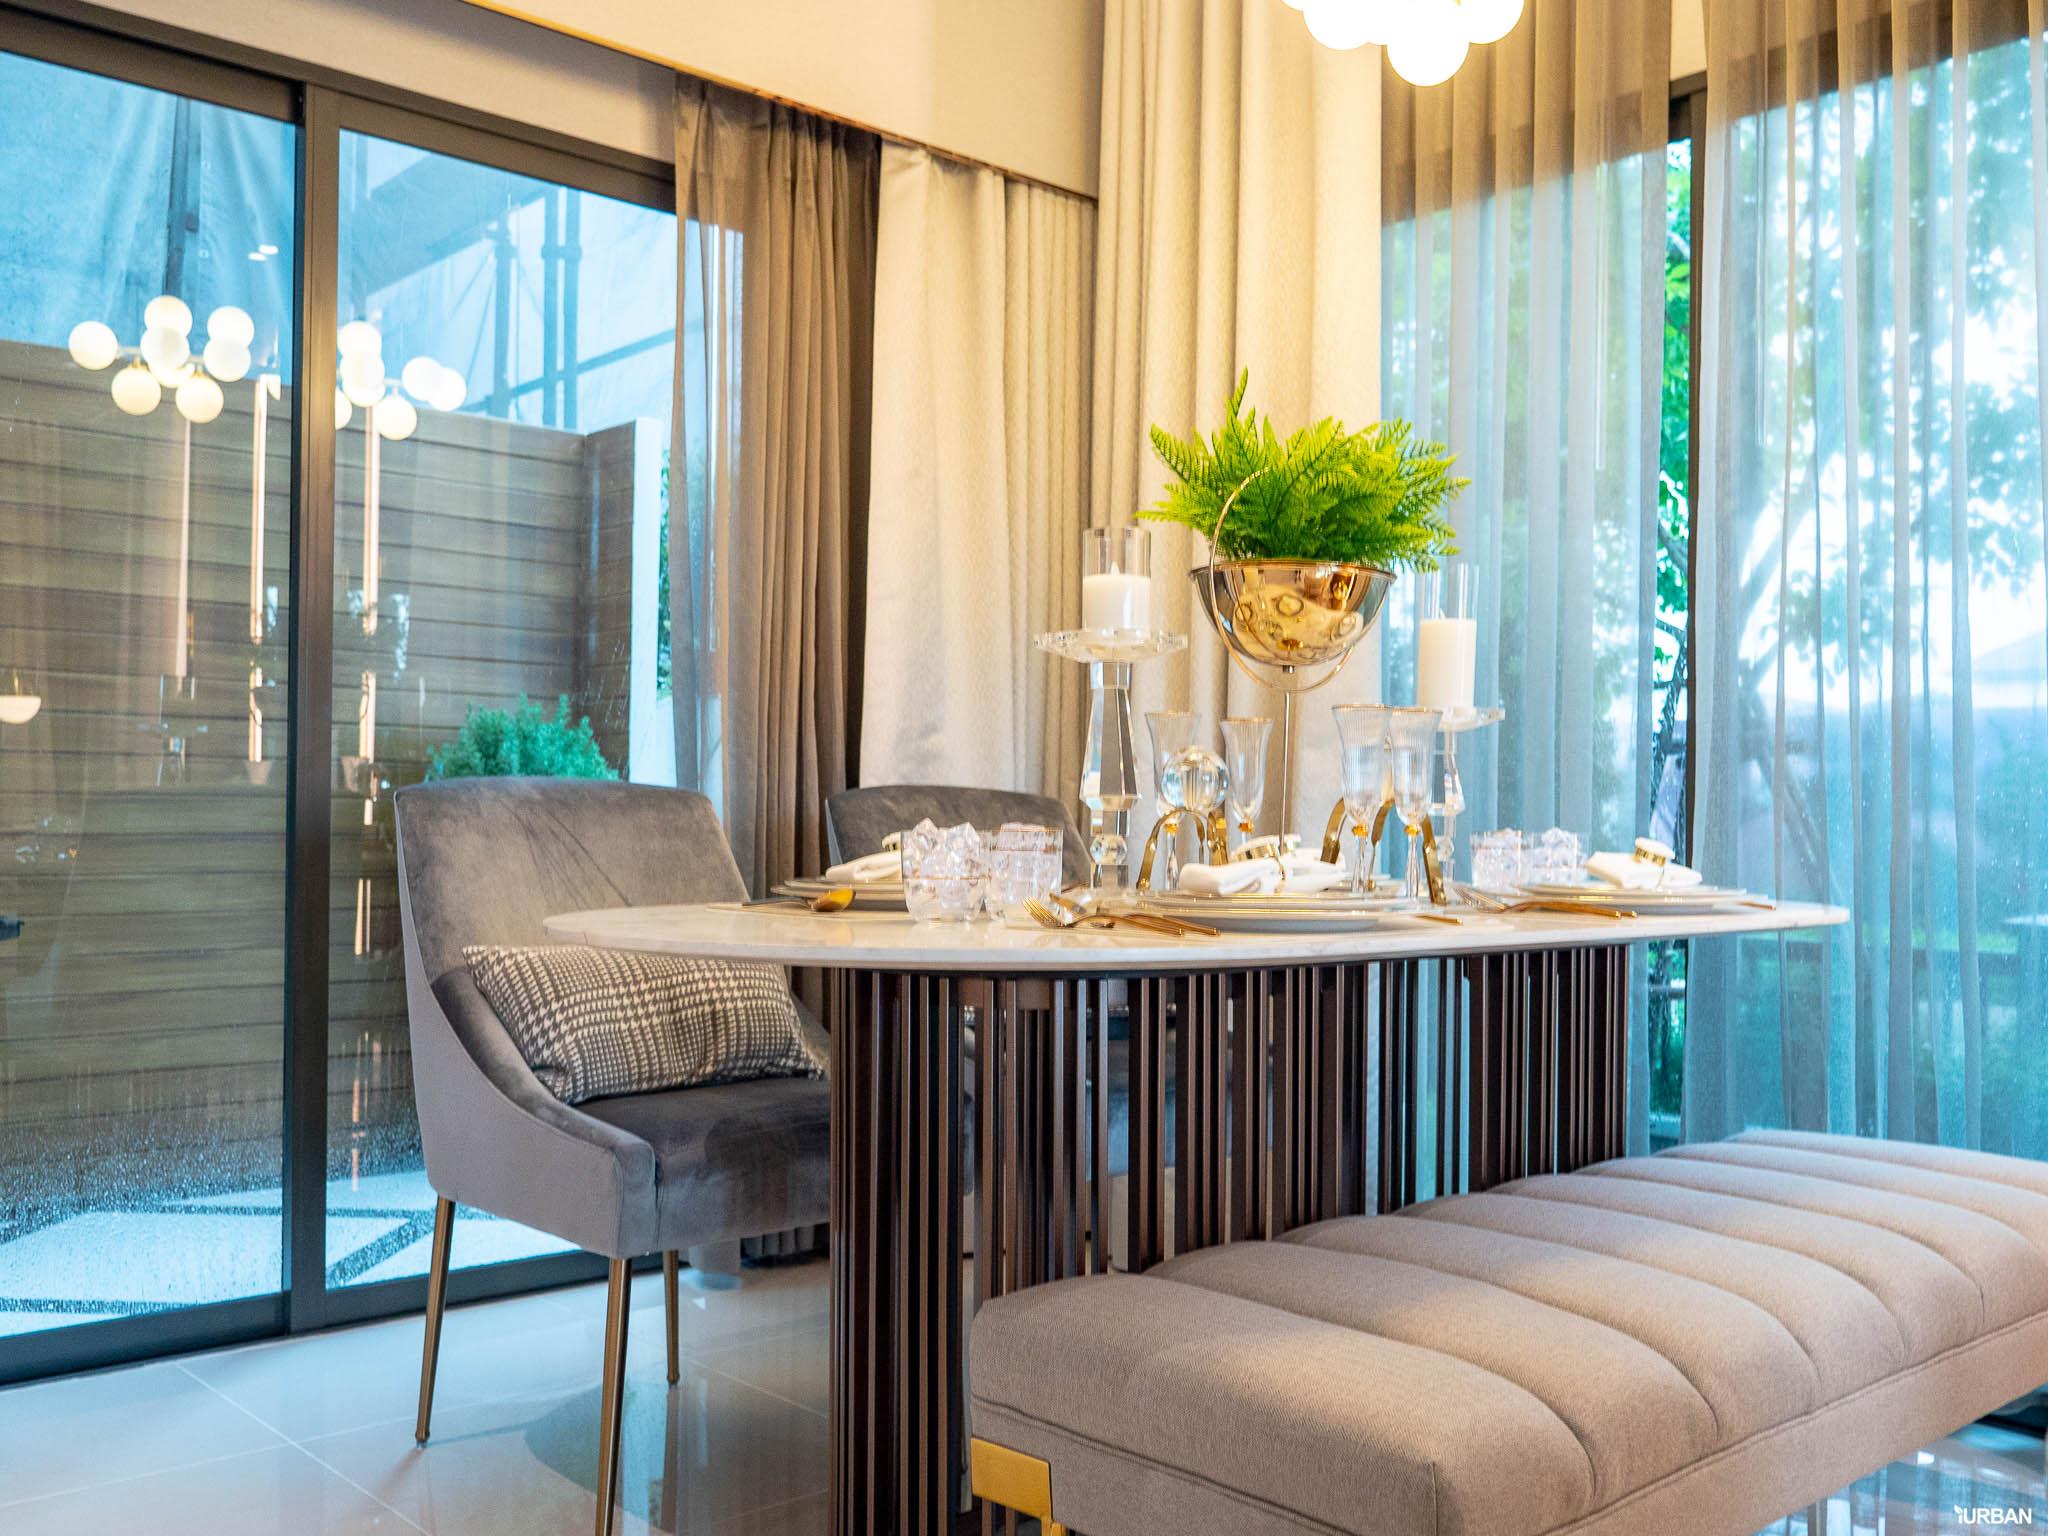 รีวิว URBANIO วิภาวดี-แจ้งวัฒนะ พรีเมียมทาวน์โฮม 3 ชั้นสุดสวย ใกล้สถานี Interchange เริ่ม 5.59 ล้าน จาก Ananda 38 - Premium